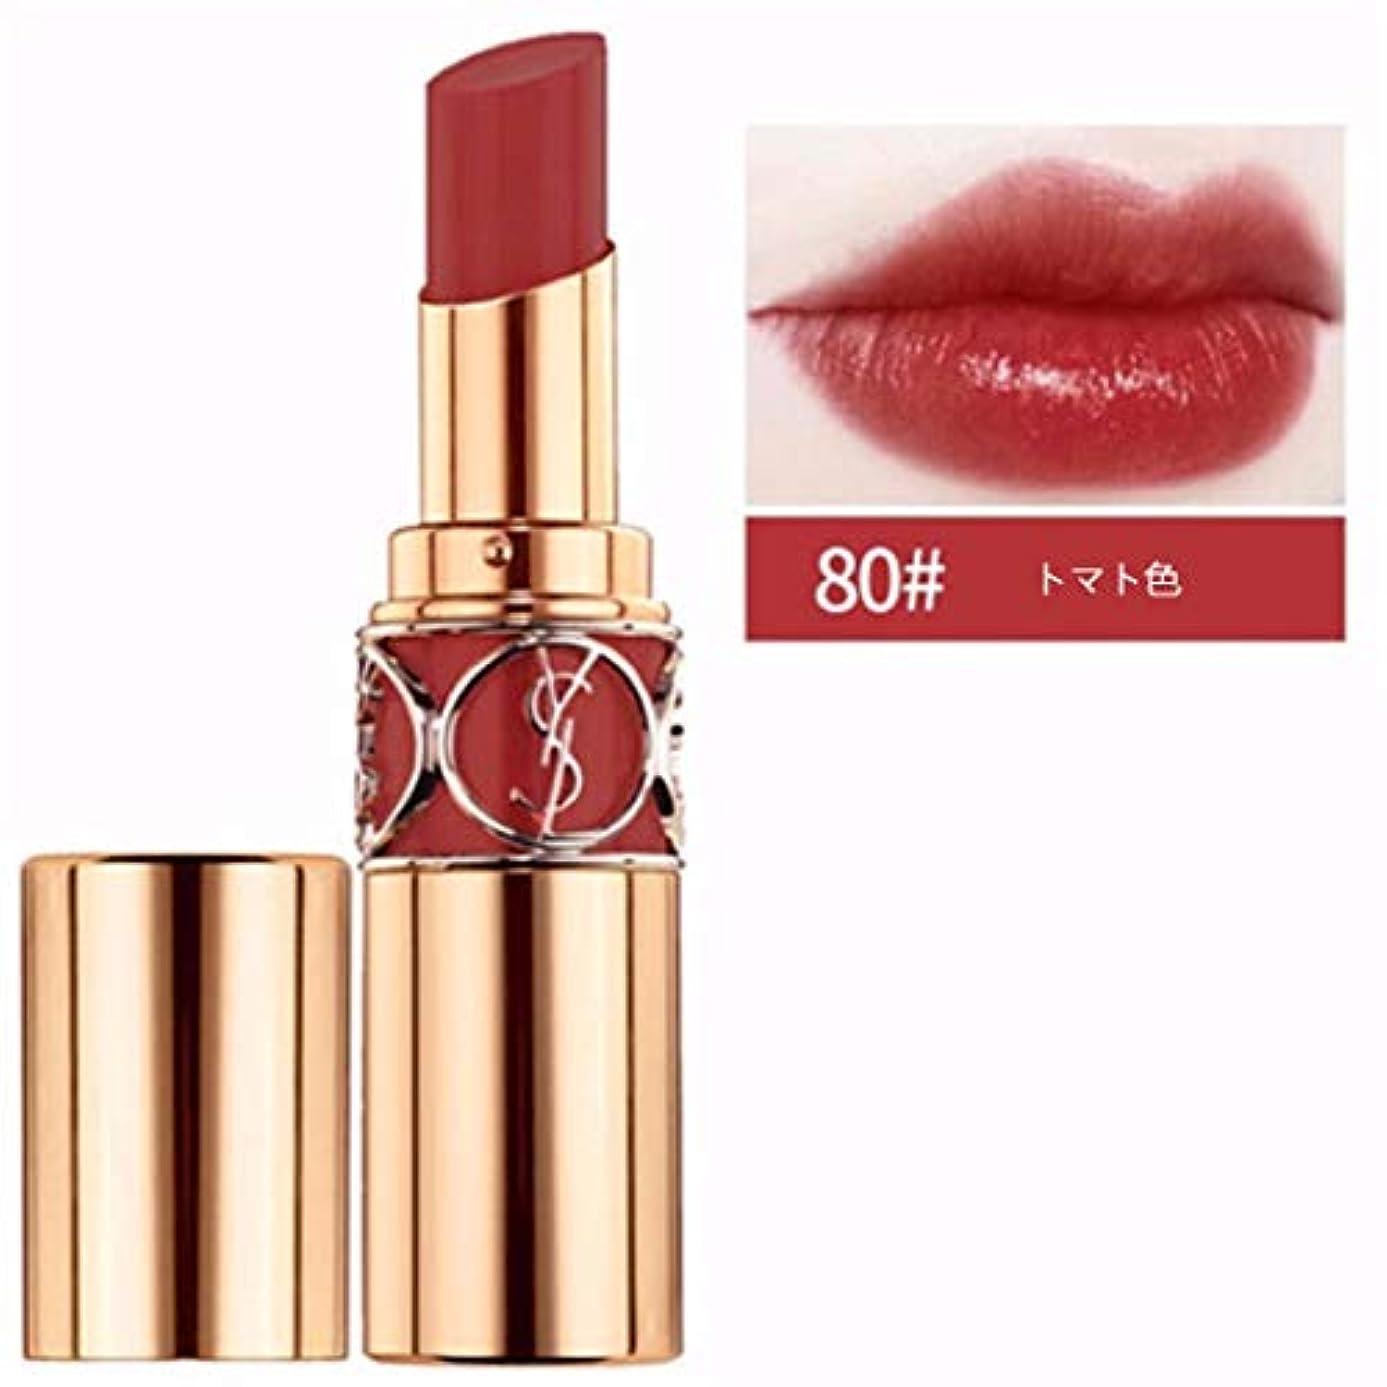 南磁気慣性YRoland(YSL)口紅明るくて純粋な魅力の口紅ラウンドチューブ80#腐ったトマト色[並行輸入品]